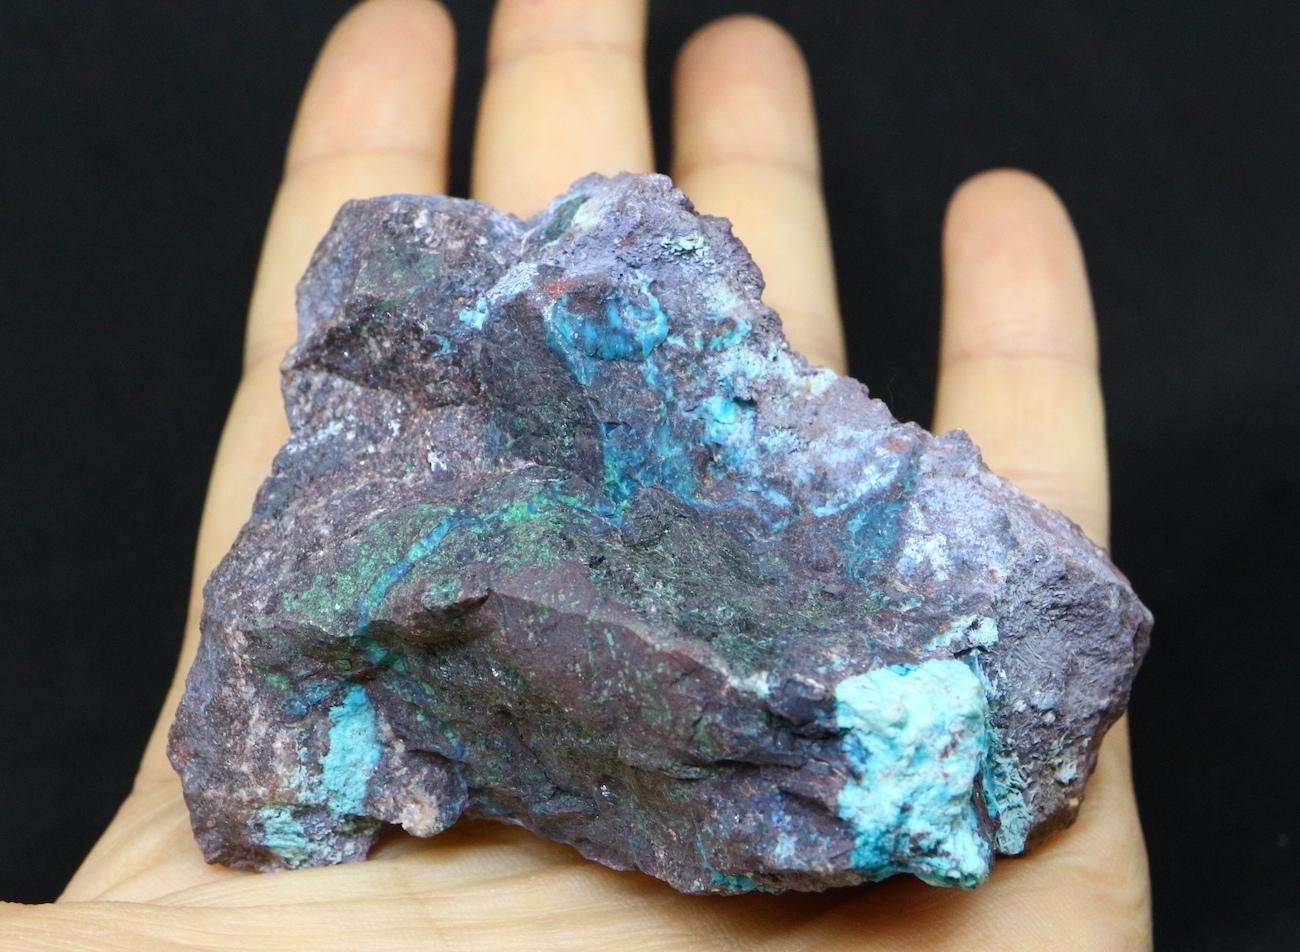 クリソコラ 珪孔雀石 アリゾナ州  144g CHS012  鉱物 天然石 原石 パワーストーン